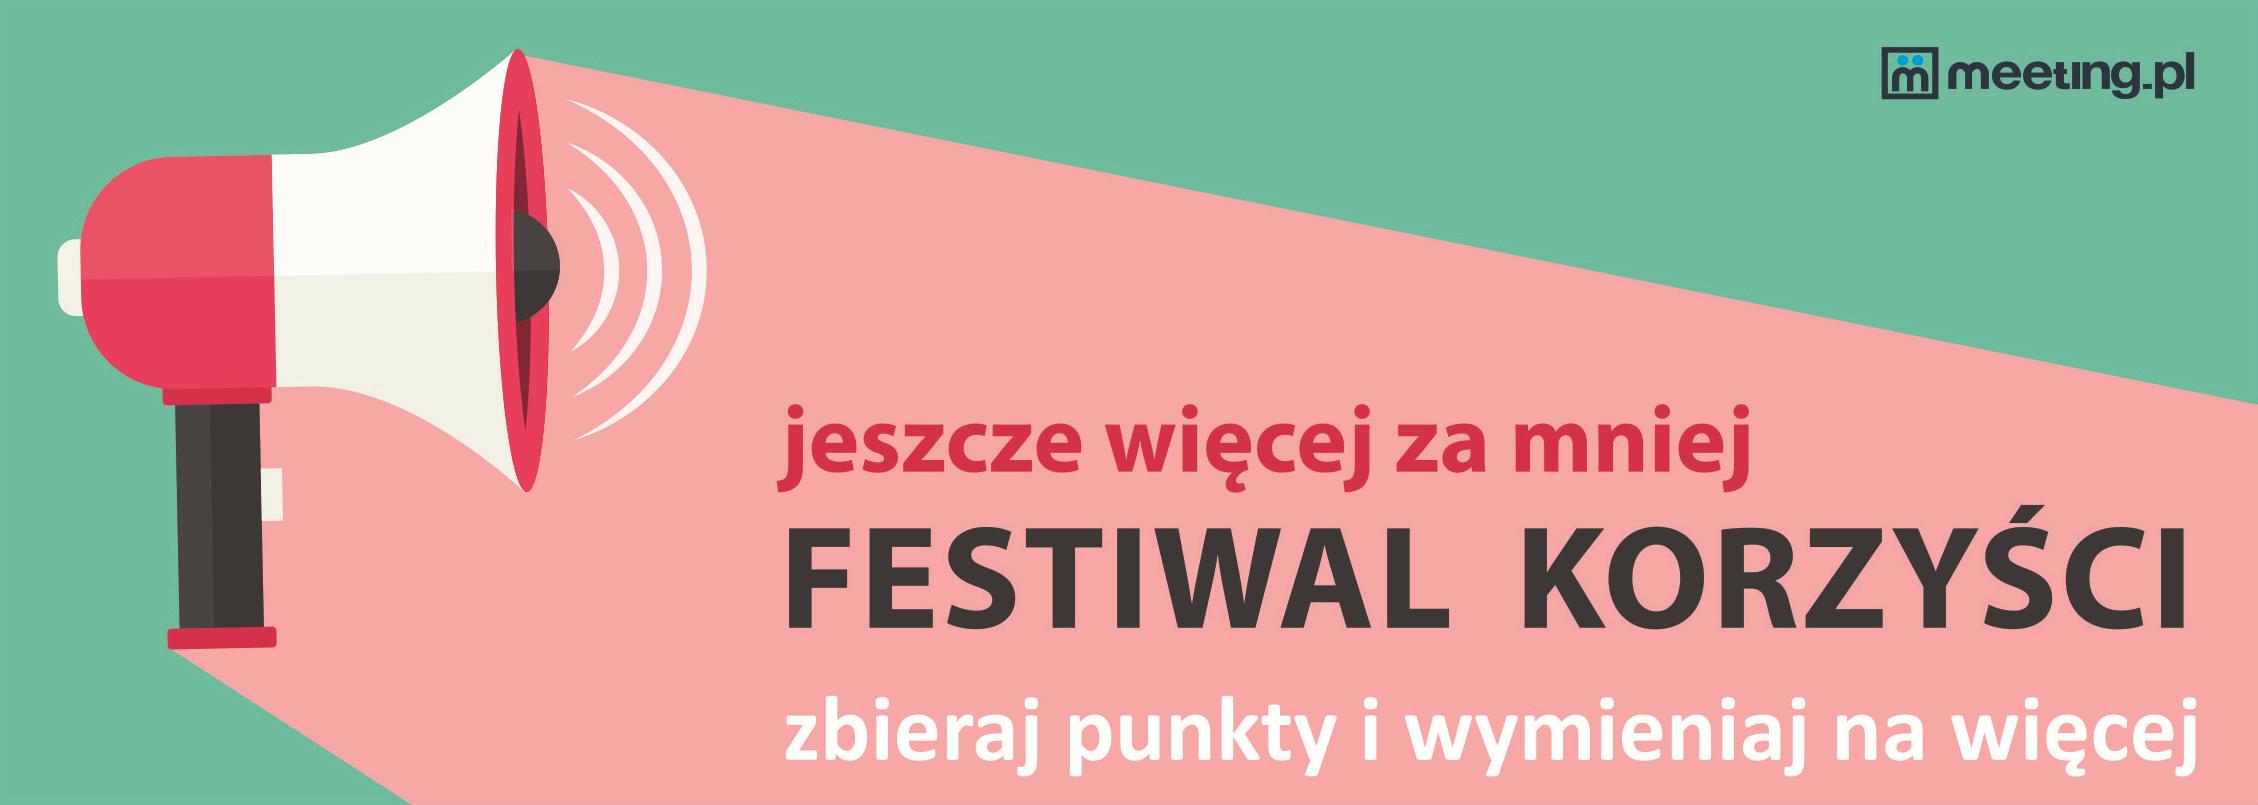 Festiwal - BANER PNG